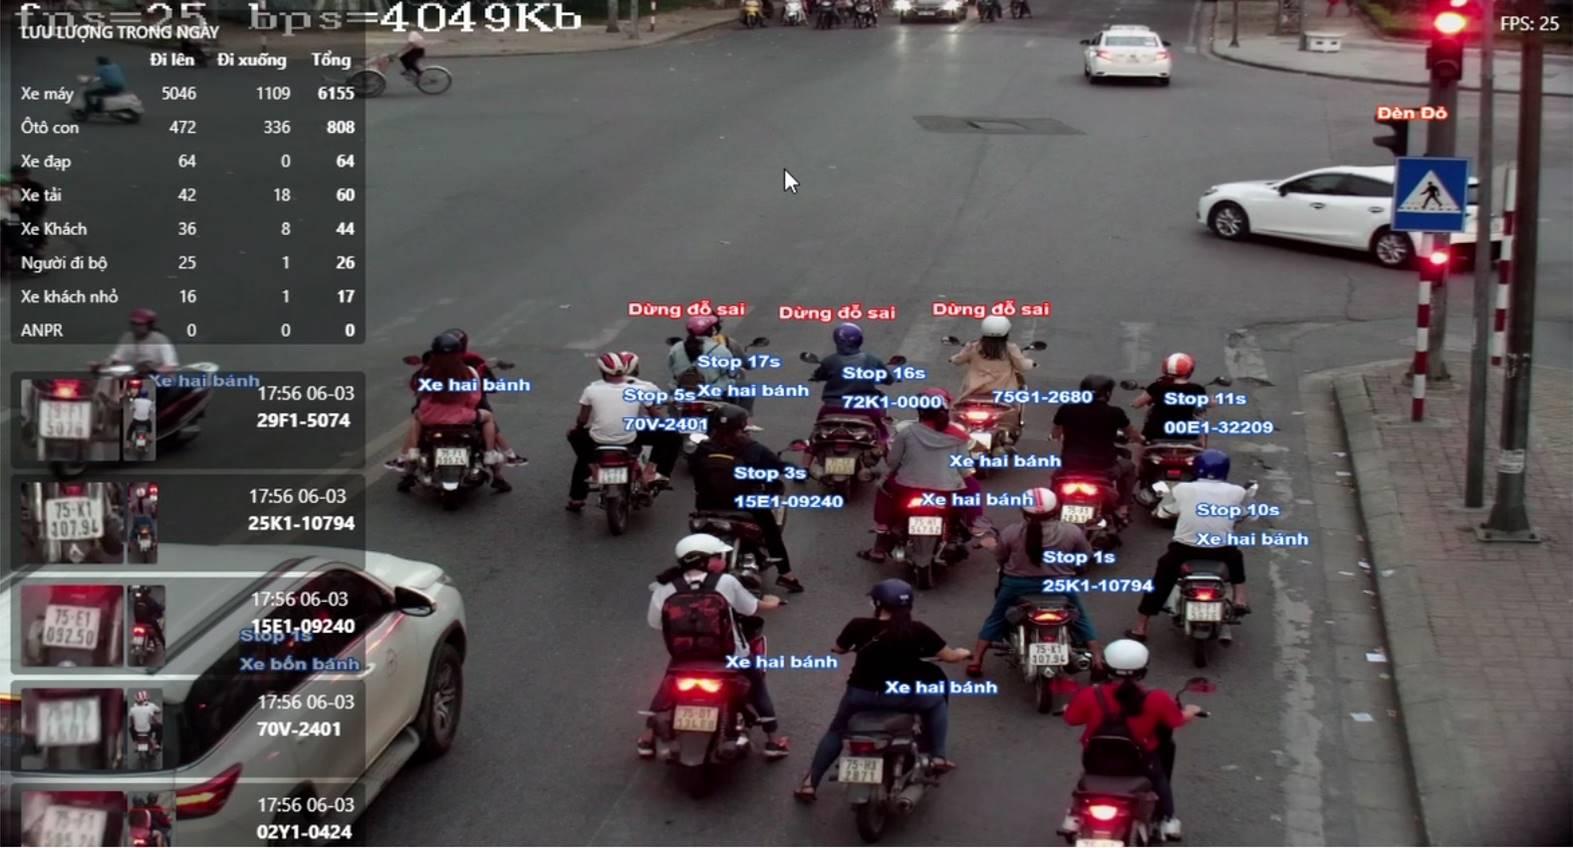 Áp dụng công nghệ AI giúp Trung tâm IOC phát hiện và cảnh báo các trường hợp vi phạm về trật tự an toàn giao thông | Ảnh: IOC